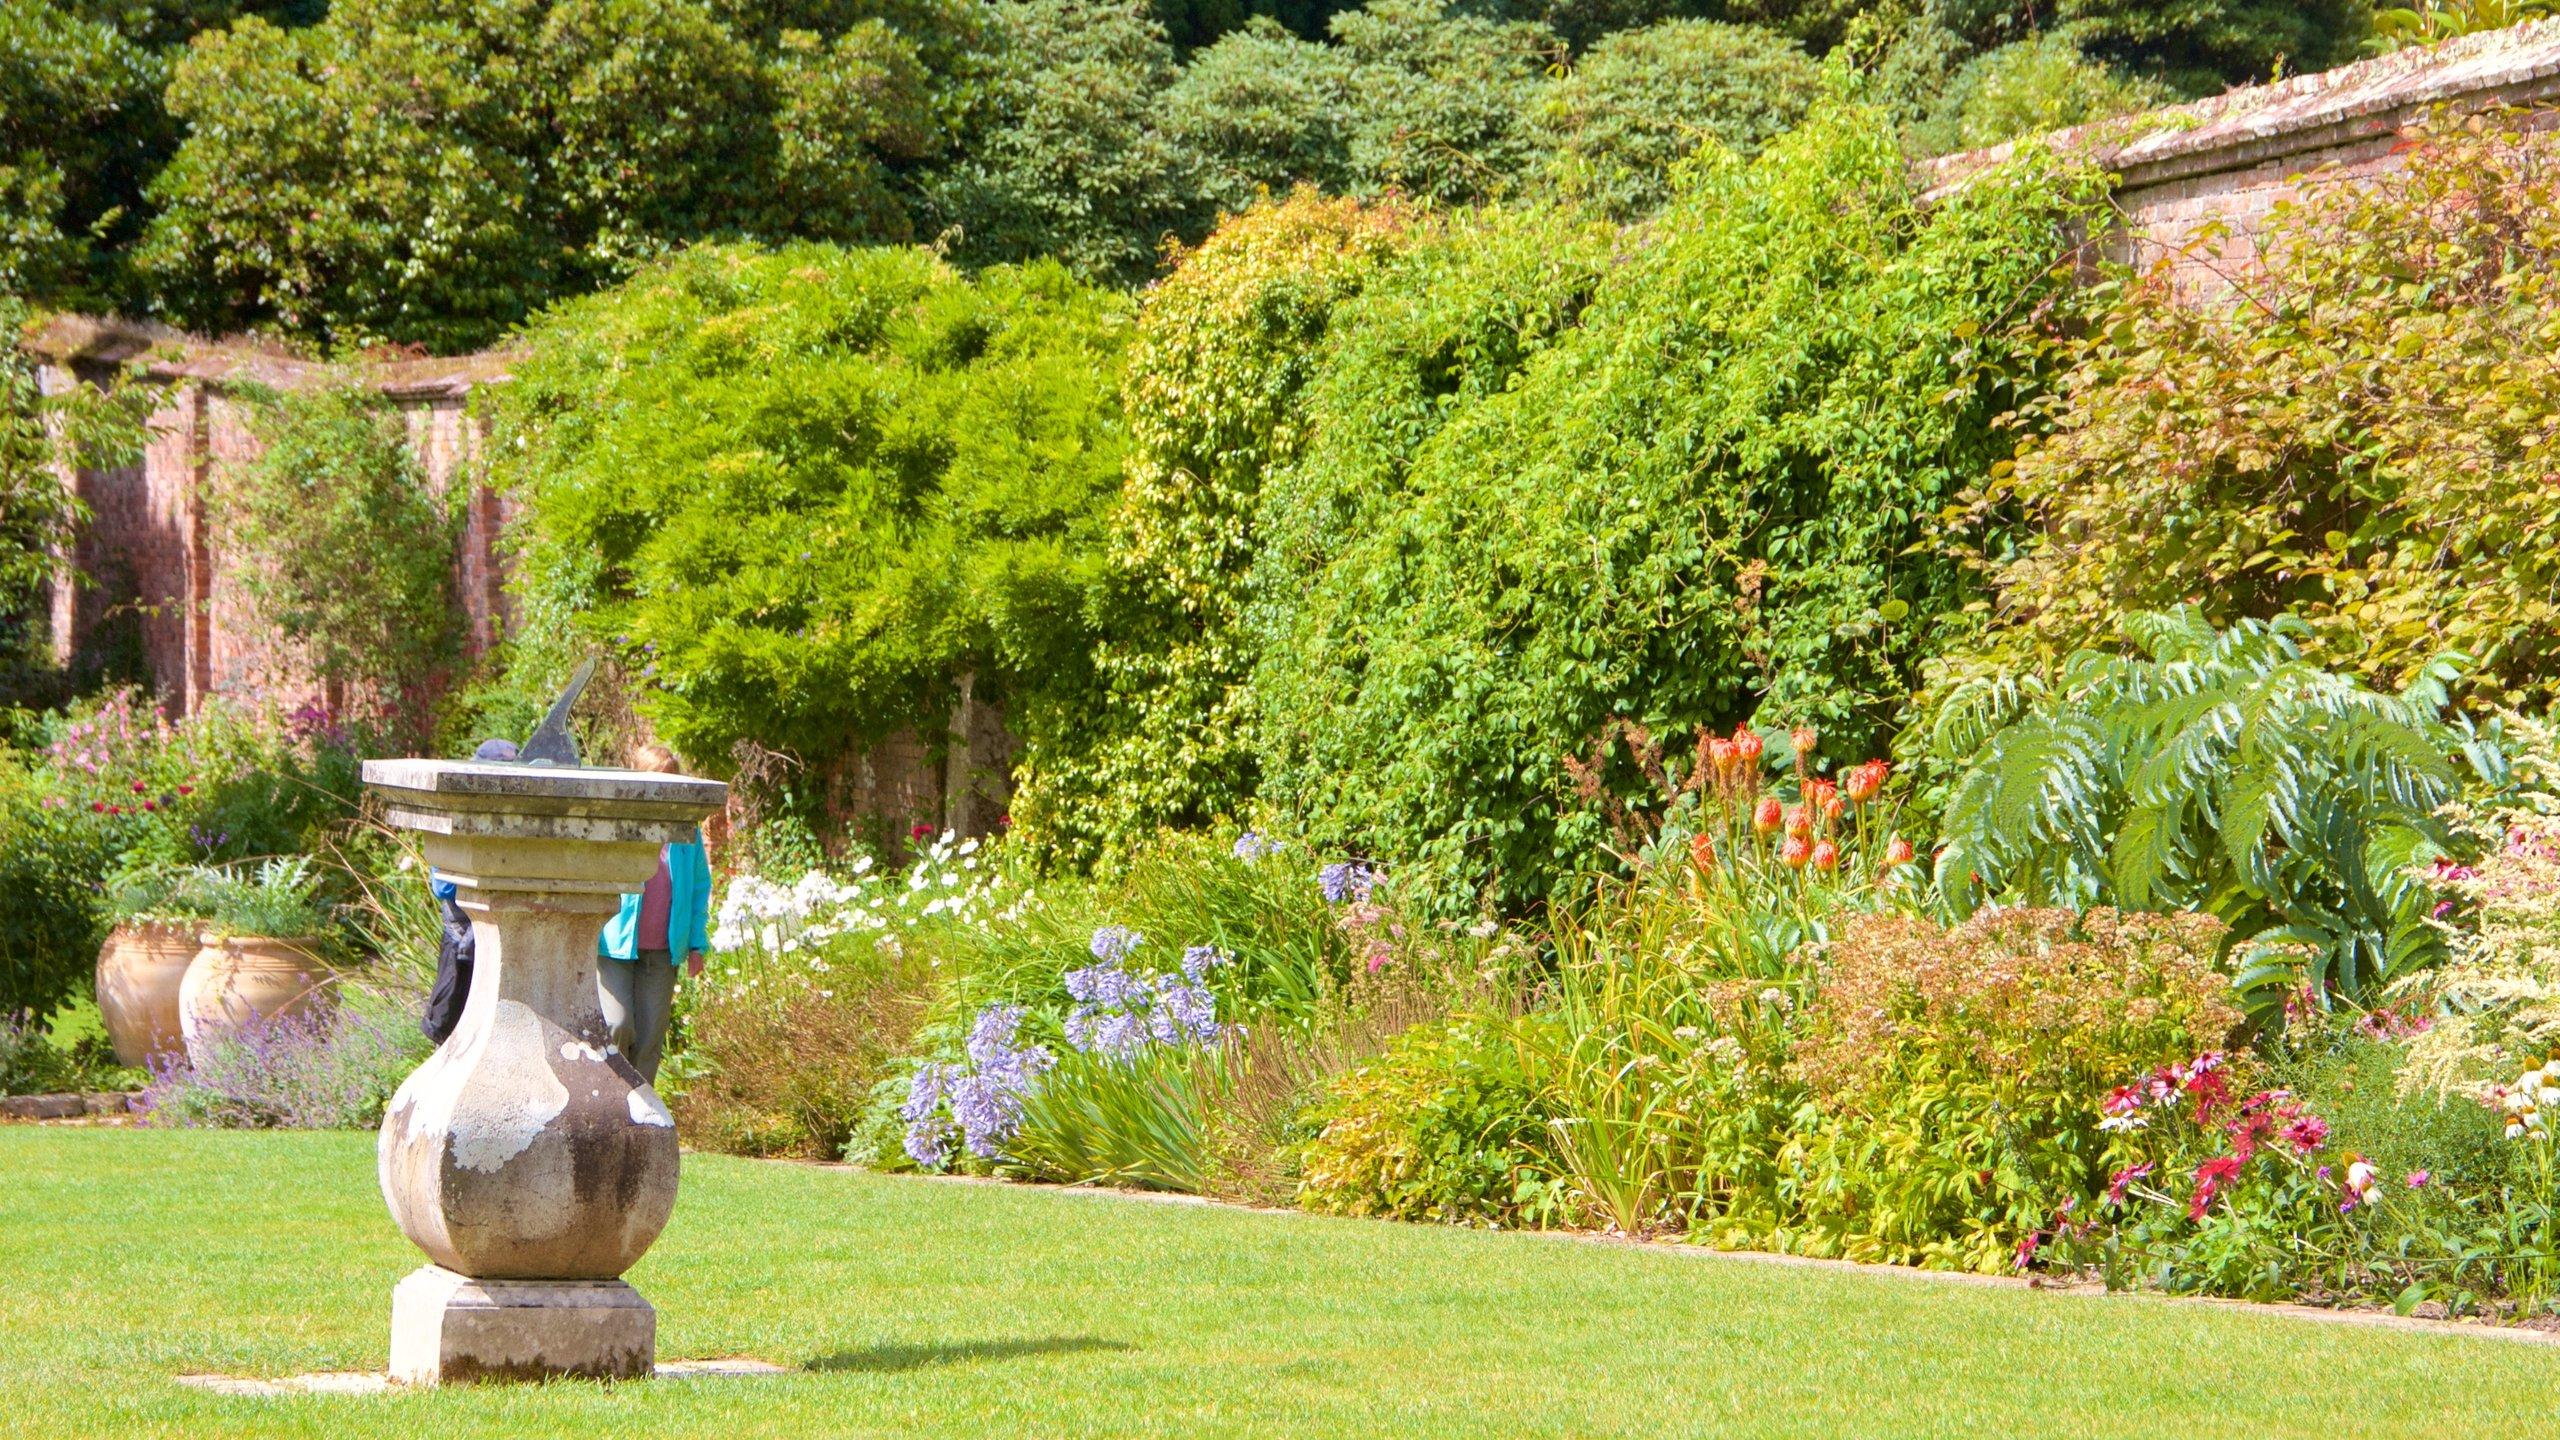 The Lost Gardens of Heligan, St. Austell, England, Großbritannien